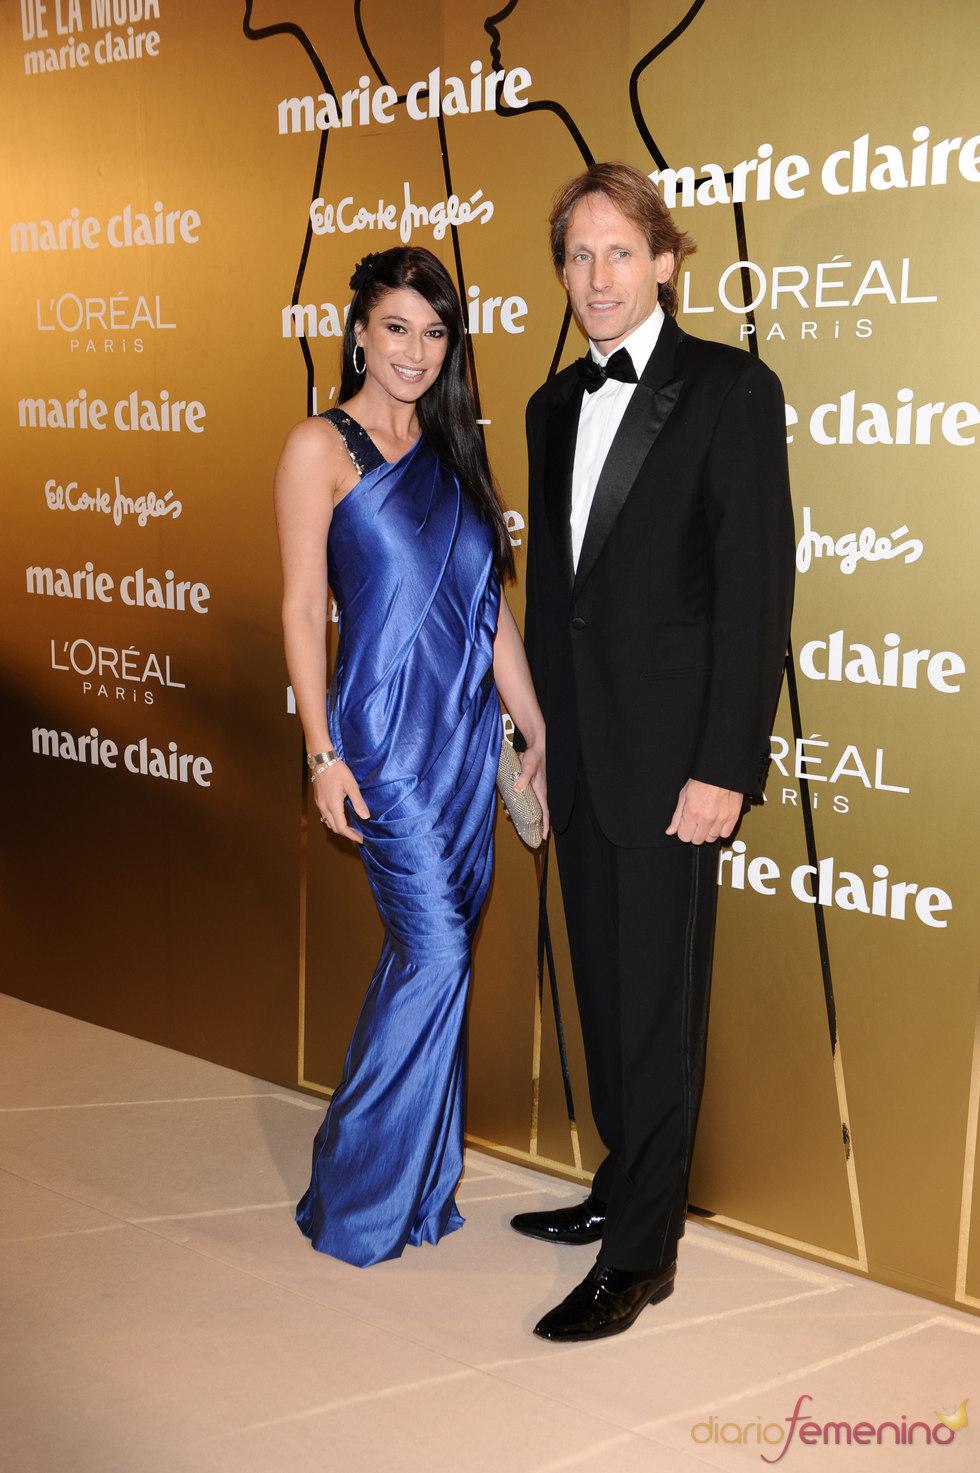 Sonia Ferrer y Marco Vricella en los Premios Marie Claire 2010